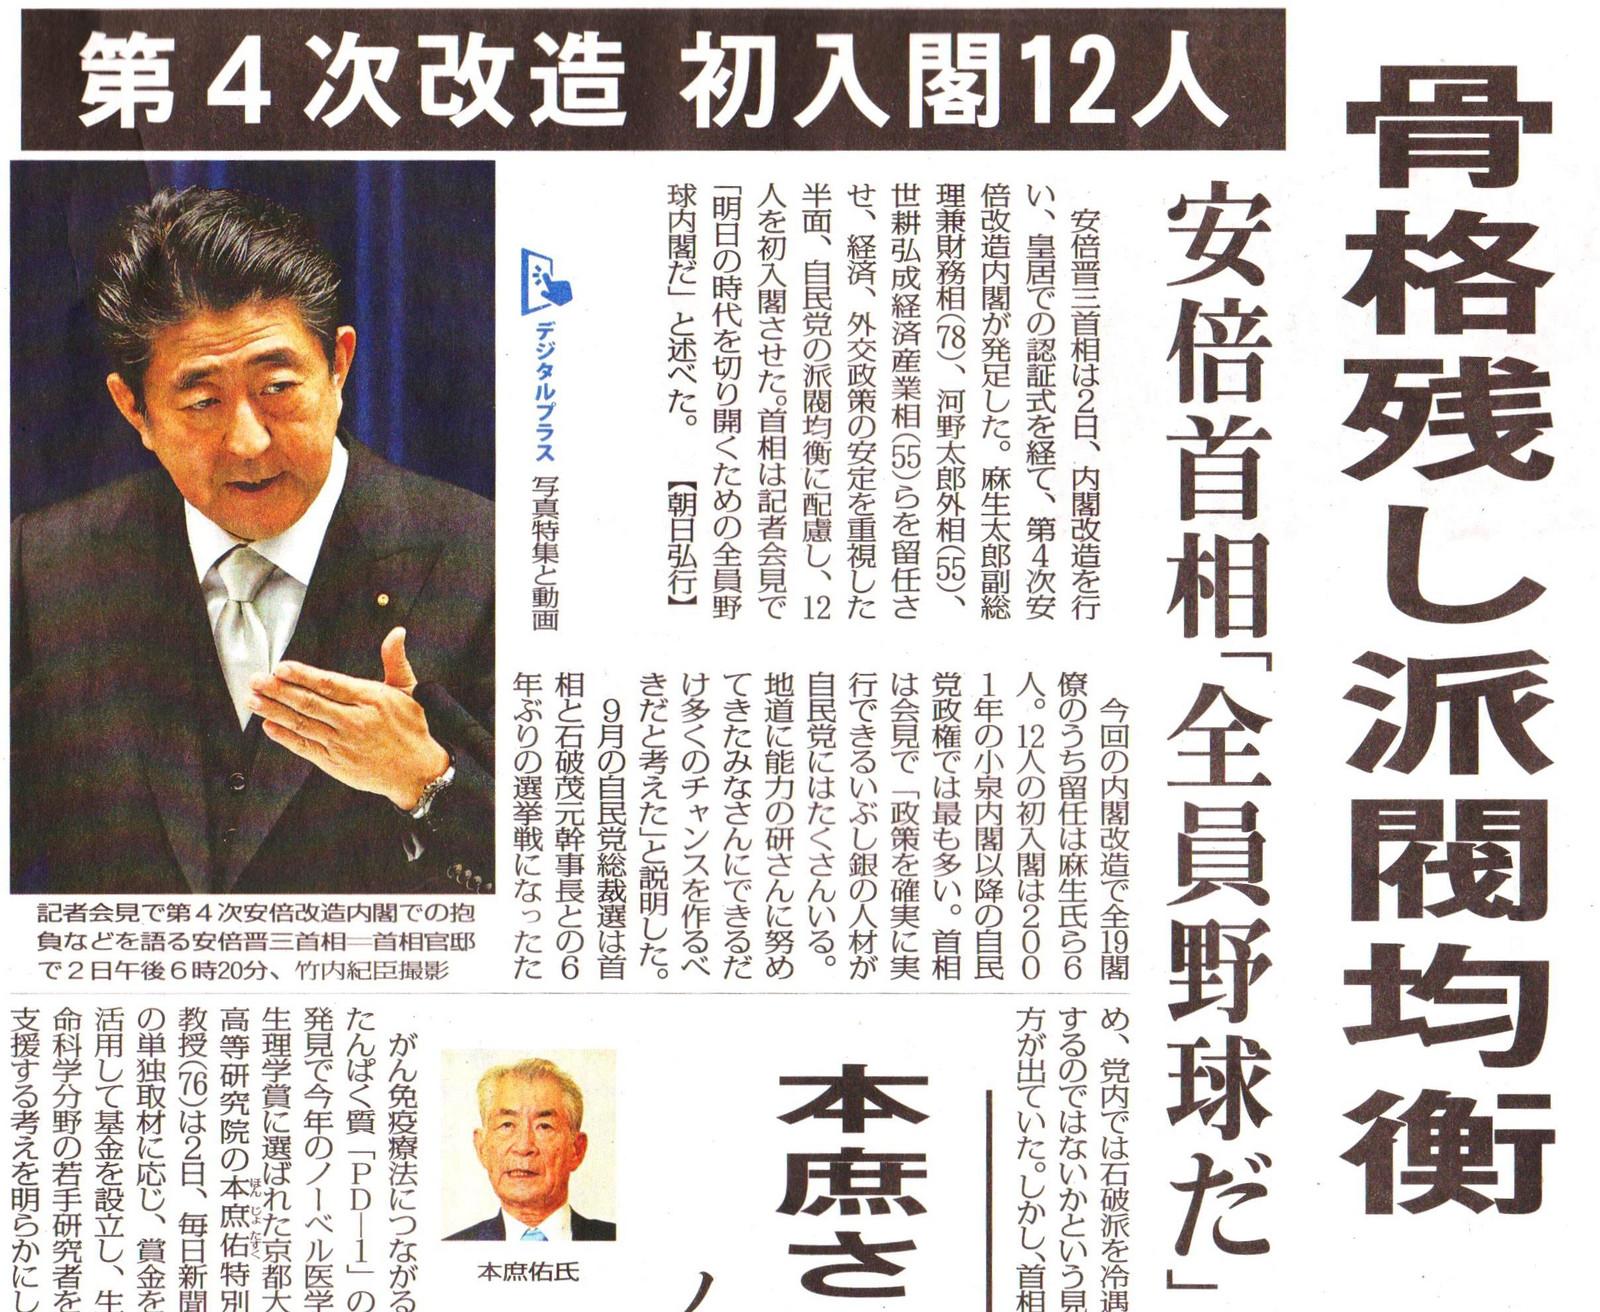 膿」を表面に出した第4次安倍内閣/メルトダウン日本(45): 夢幻と湧源